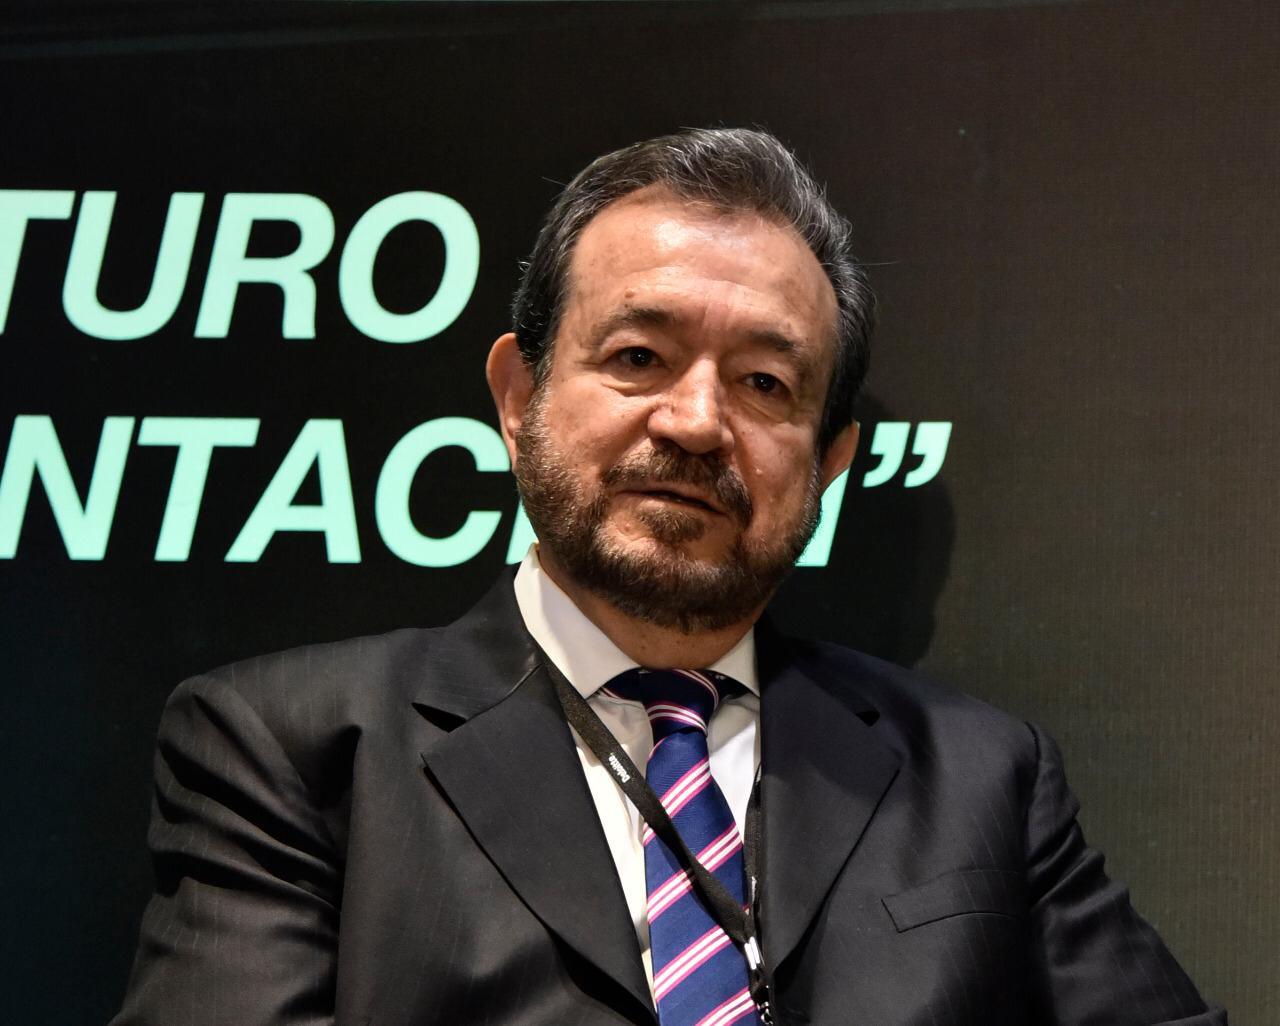 Francisco Javier Delgado Mendoza